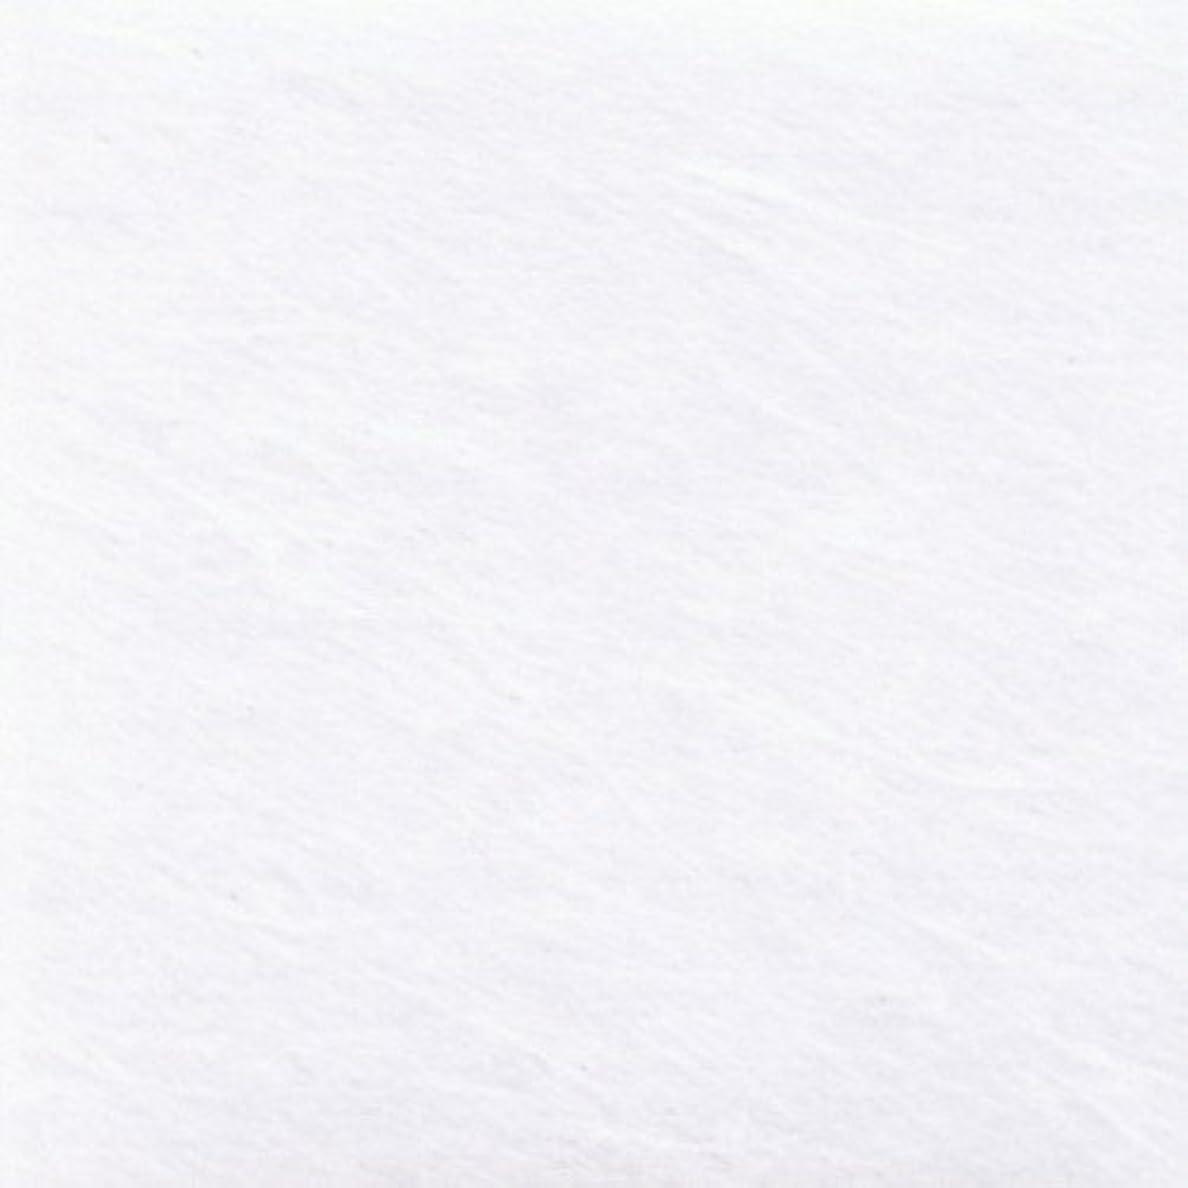 広告空いているランチョンOP雲流シートOPU-21 12cm角 ホワイト 100枚入 【 敷紙 】 【 飲食店 定食屋 旅館 和食器 業務用 】